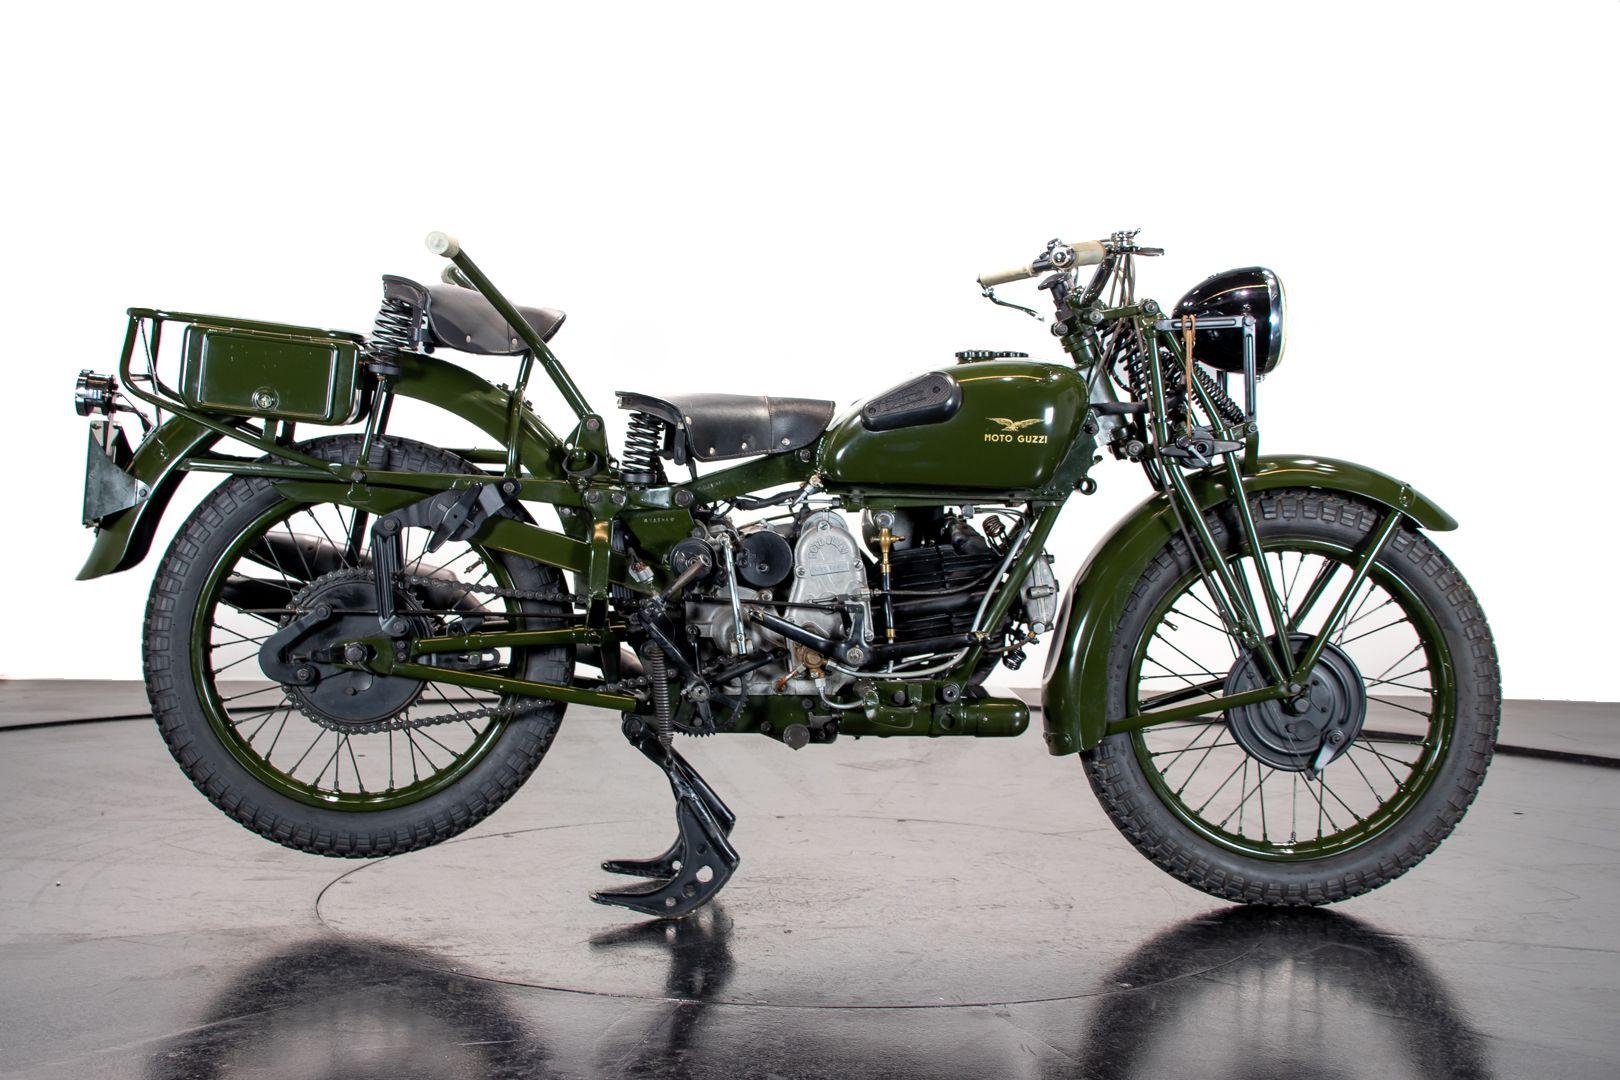 1977 Moto Guzzi 500 Super Alce 59429